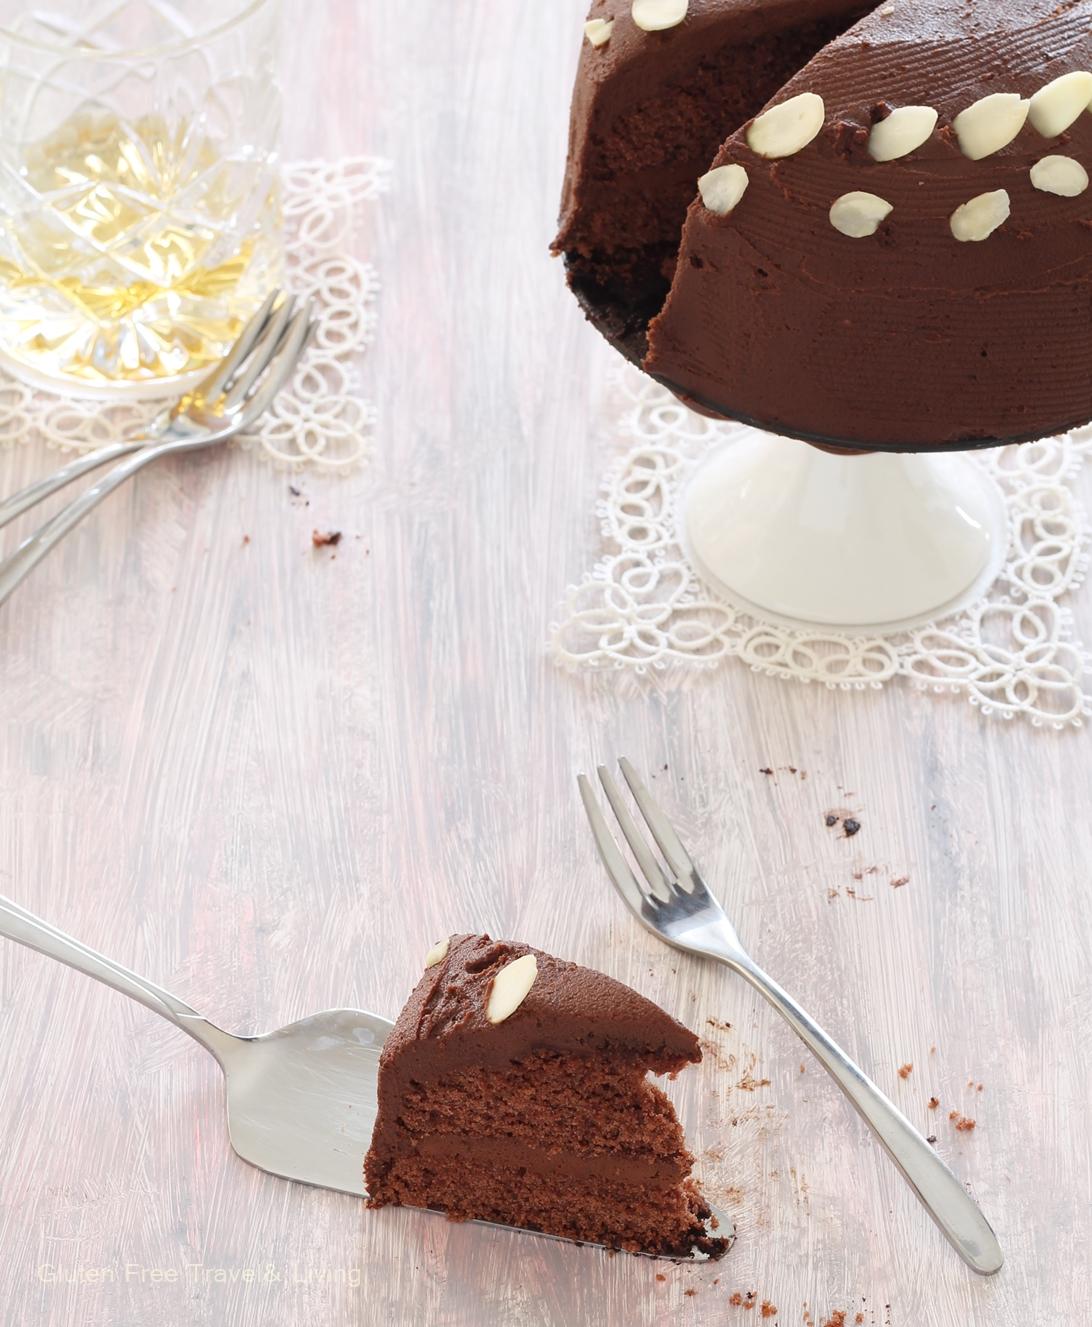 Irish cake senza glutine - Gluten Free Travel and Living